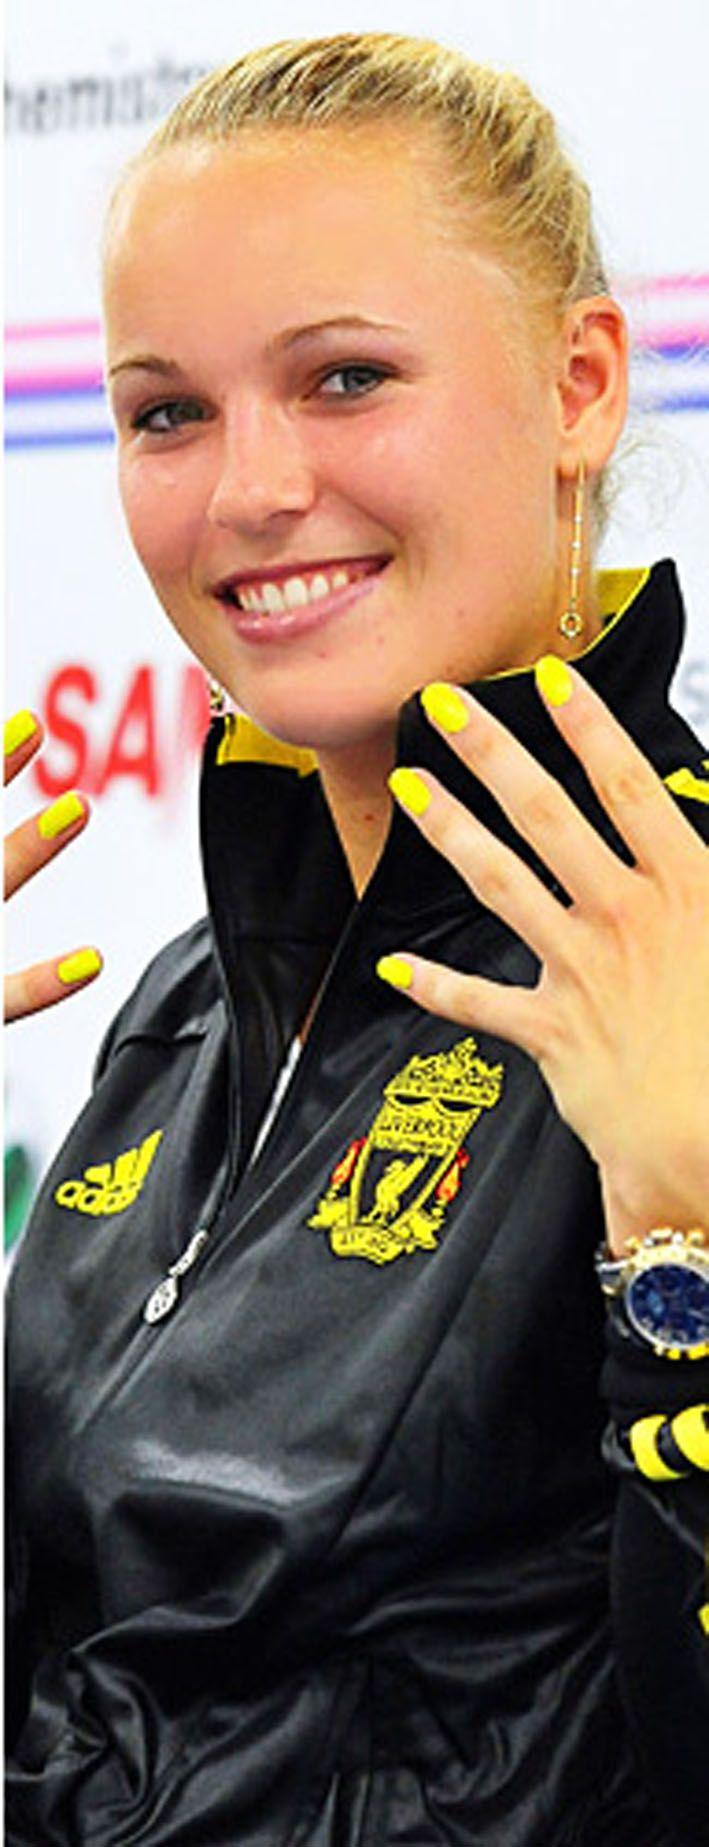 caroline-wozniacki-neon-yellow-nails